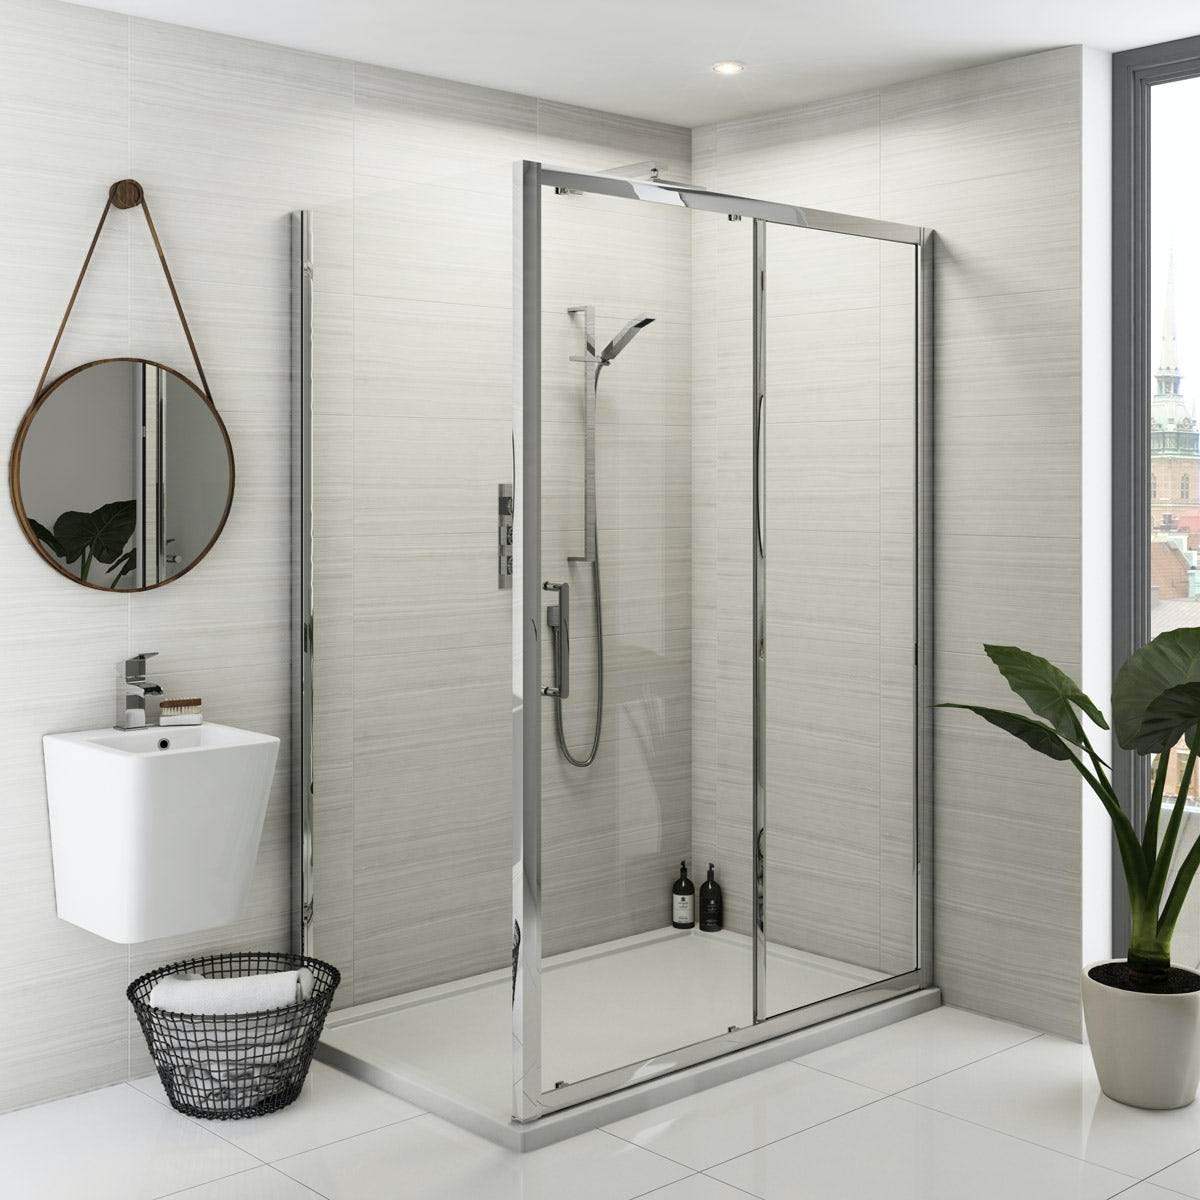 Mode Ellis Storm Bathroom Suite With Shower Enclosure 1200